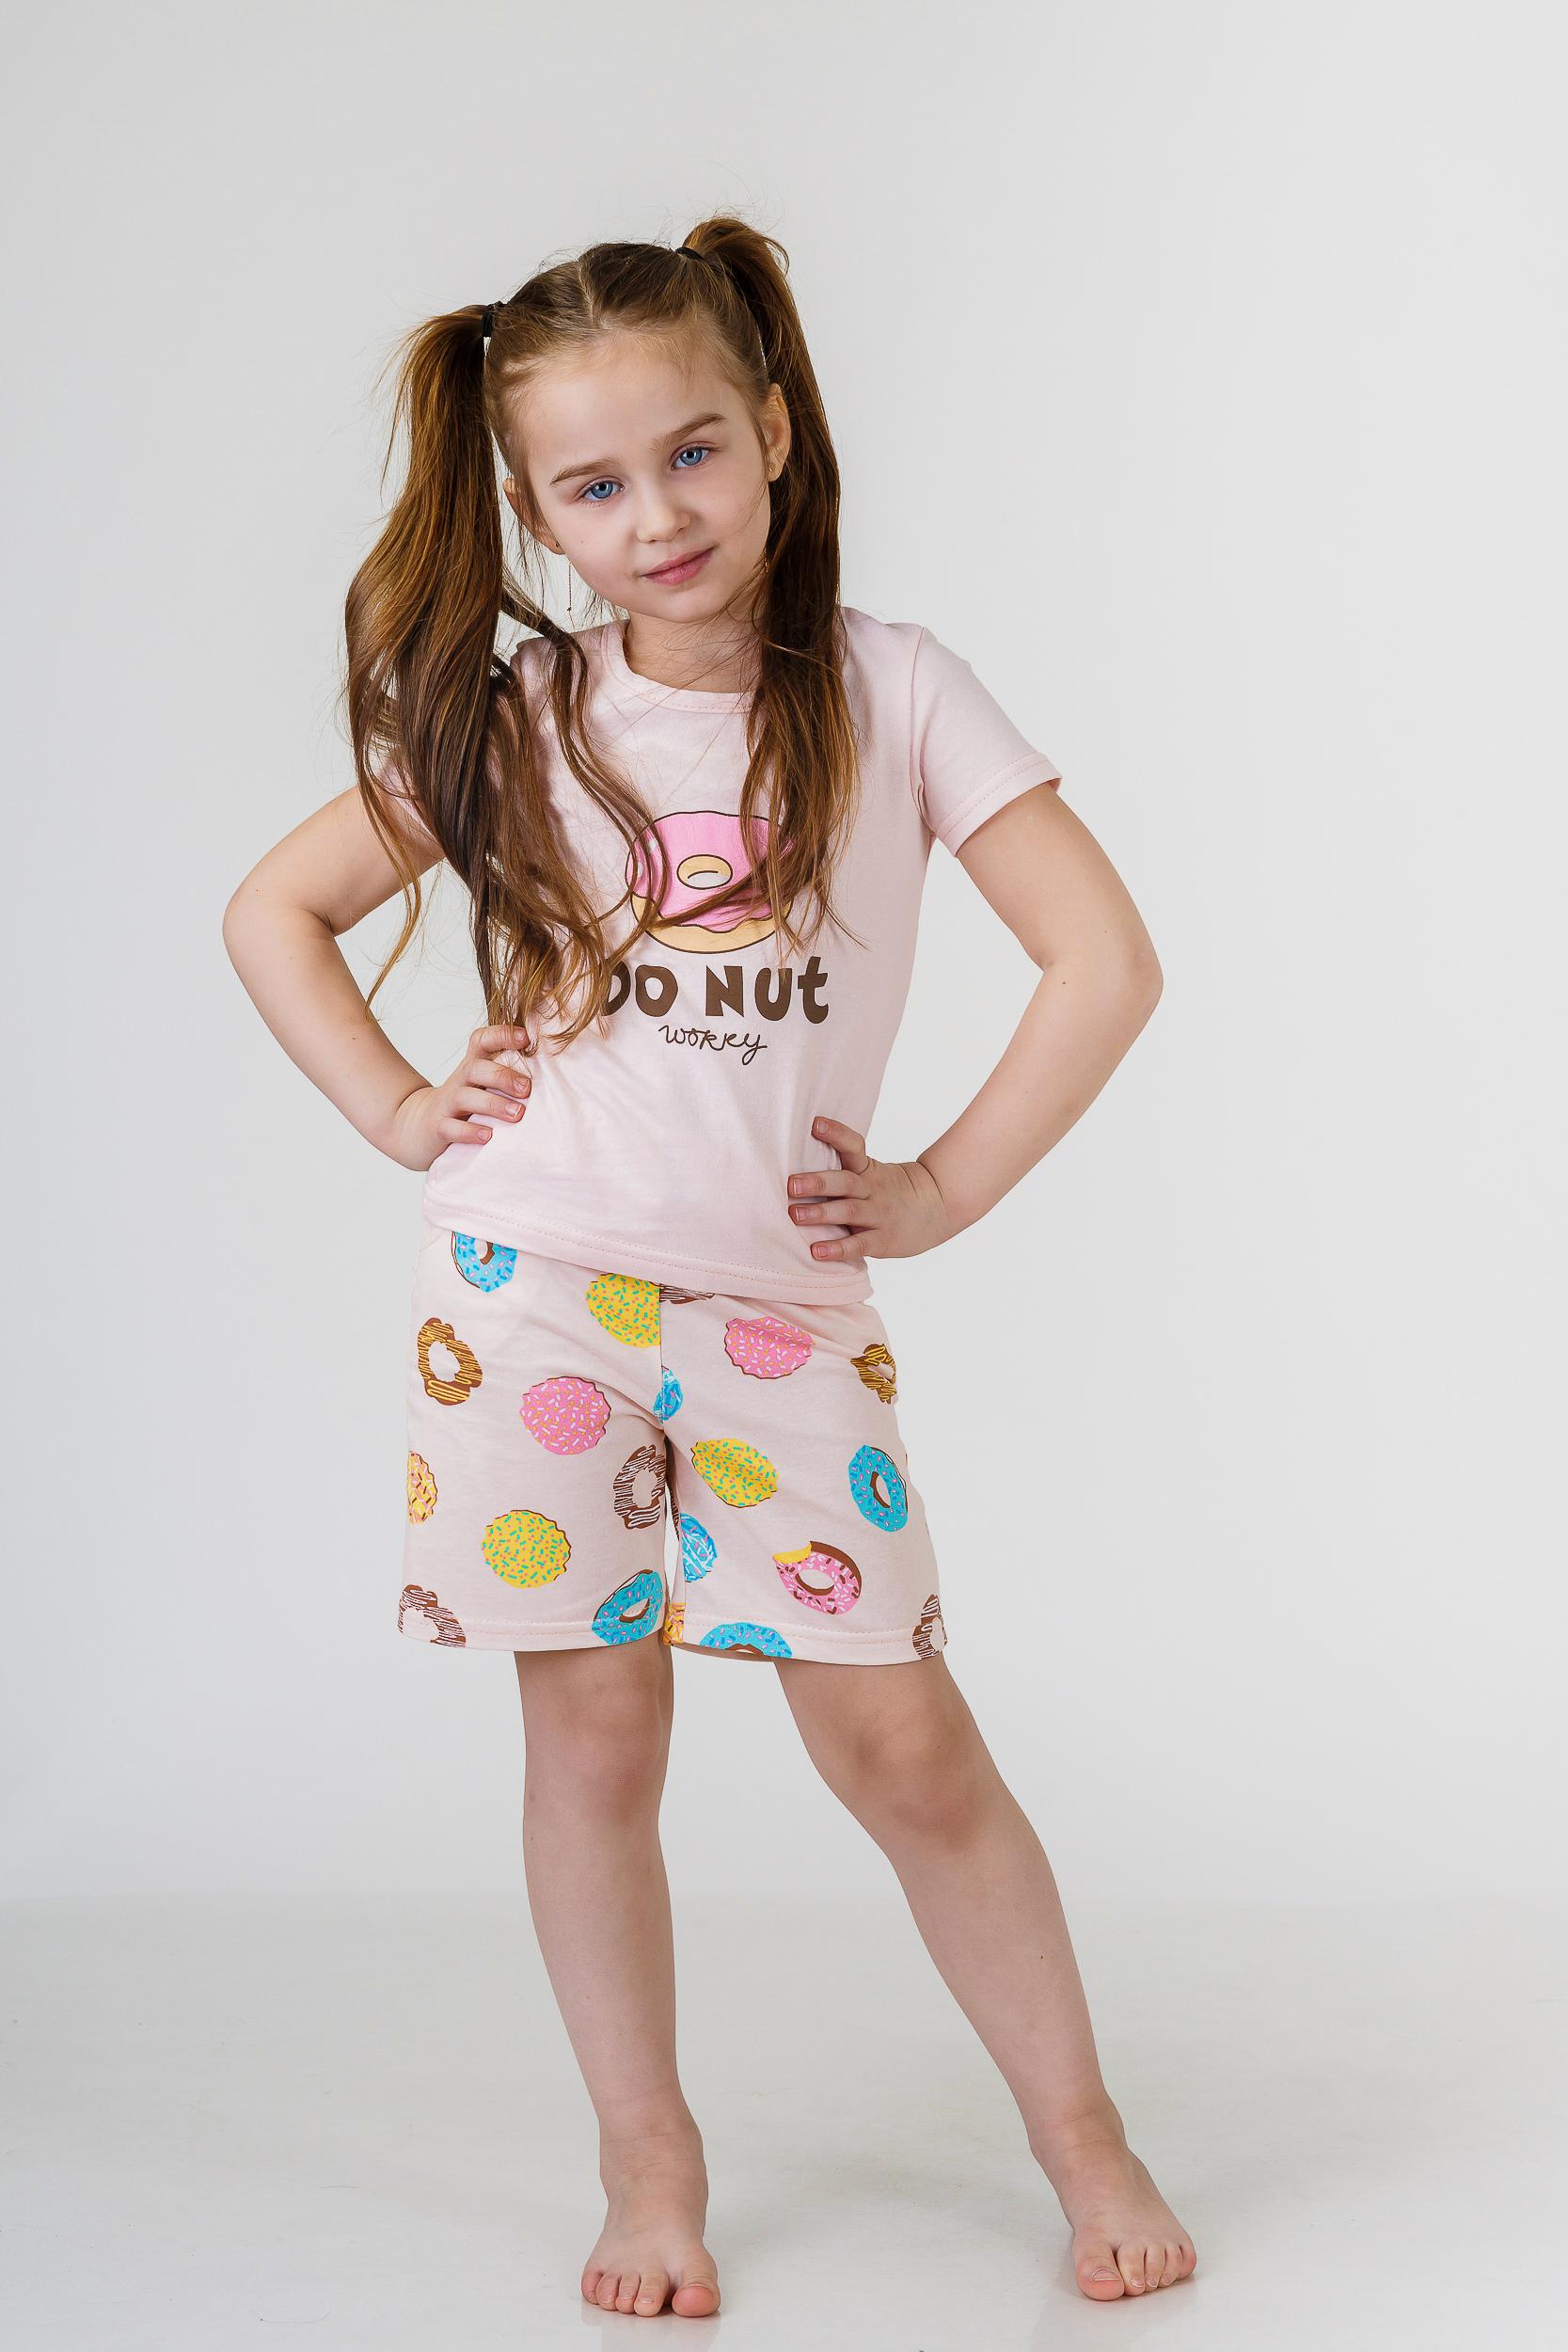 Детские пижамы Pastilla Детская пижама Лакомка Цвет: Пудровый (6 лет) пижама жен mia cara майка шорты botanical aw15 ubl lst 264 р 42 44 1119503